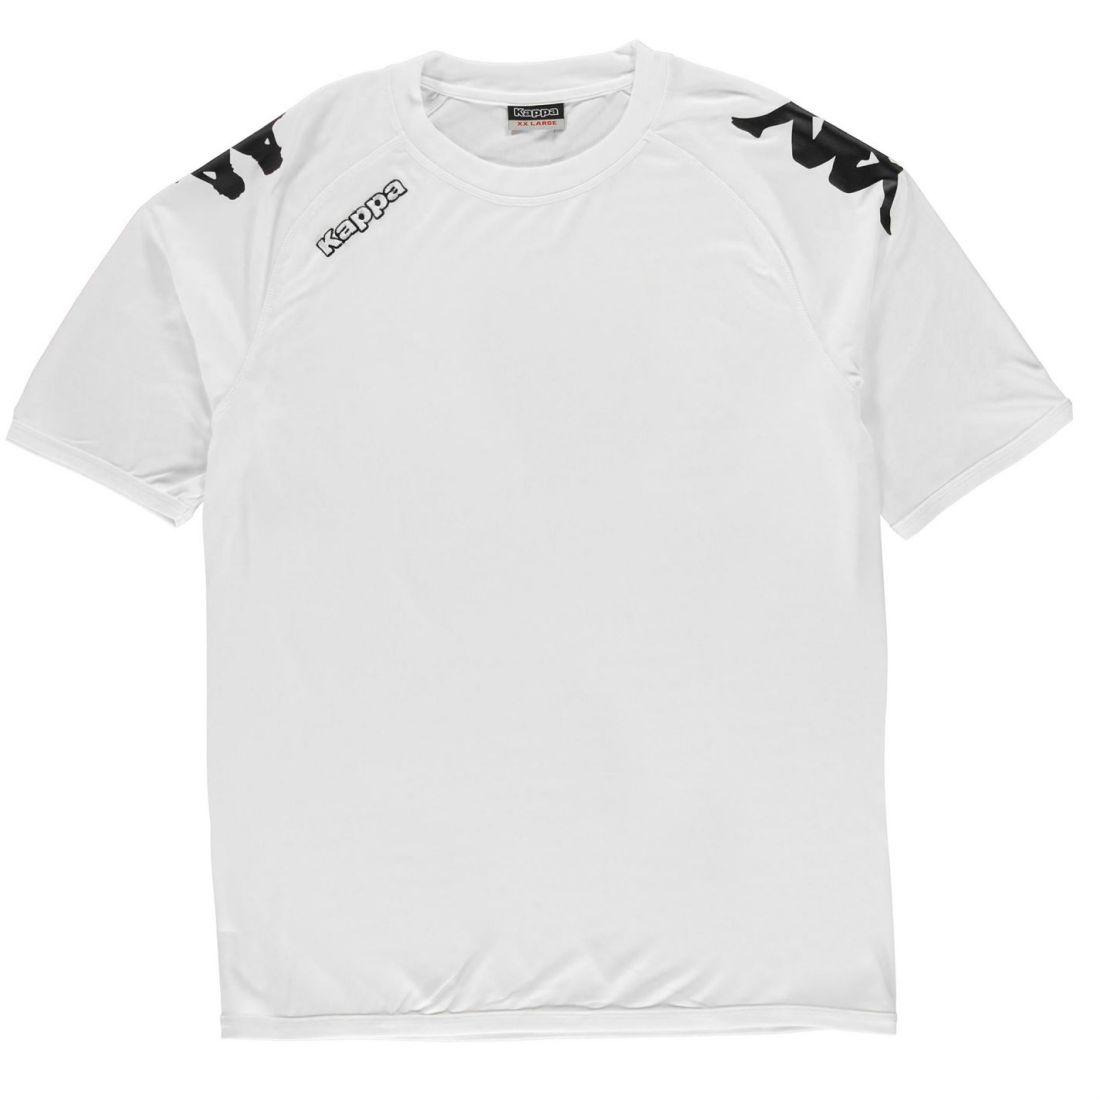 3a0fd2e99092 Details about Kappa Mens Veneto Short Sleeve T Shirt Performance Tee Top  Crew Neck Lightweight